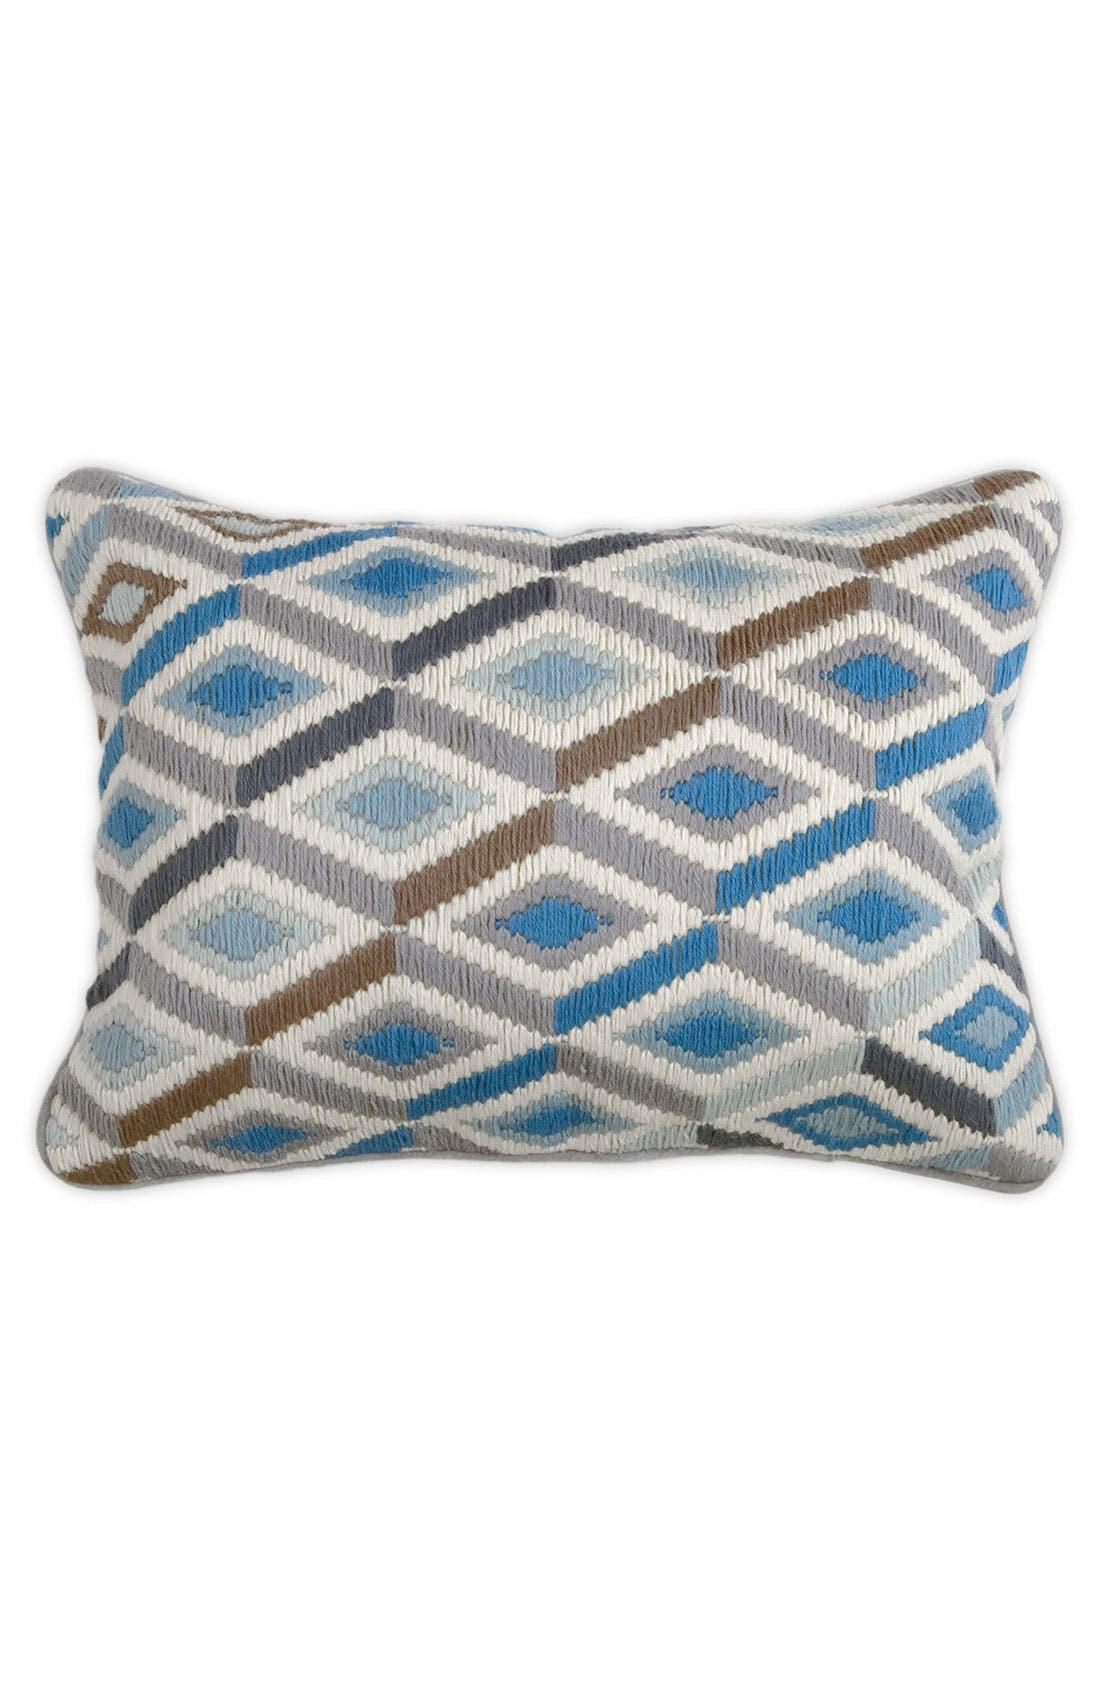 'Diamonds' Pillow,                             Main thumbnail 1, color,                             300